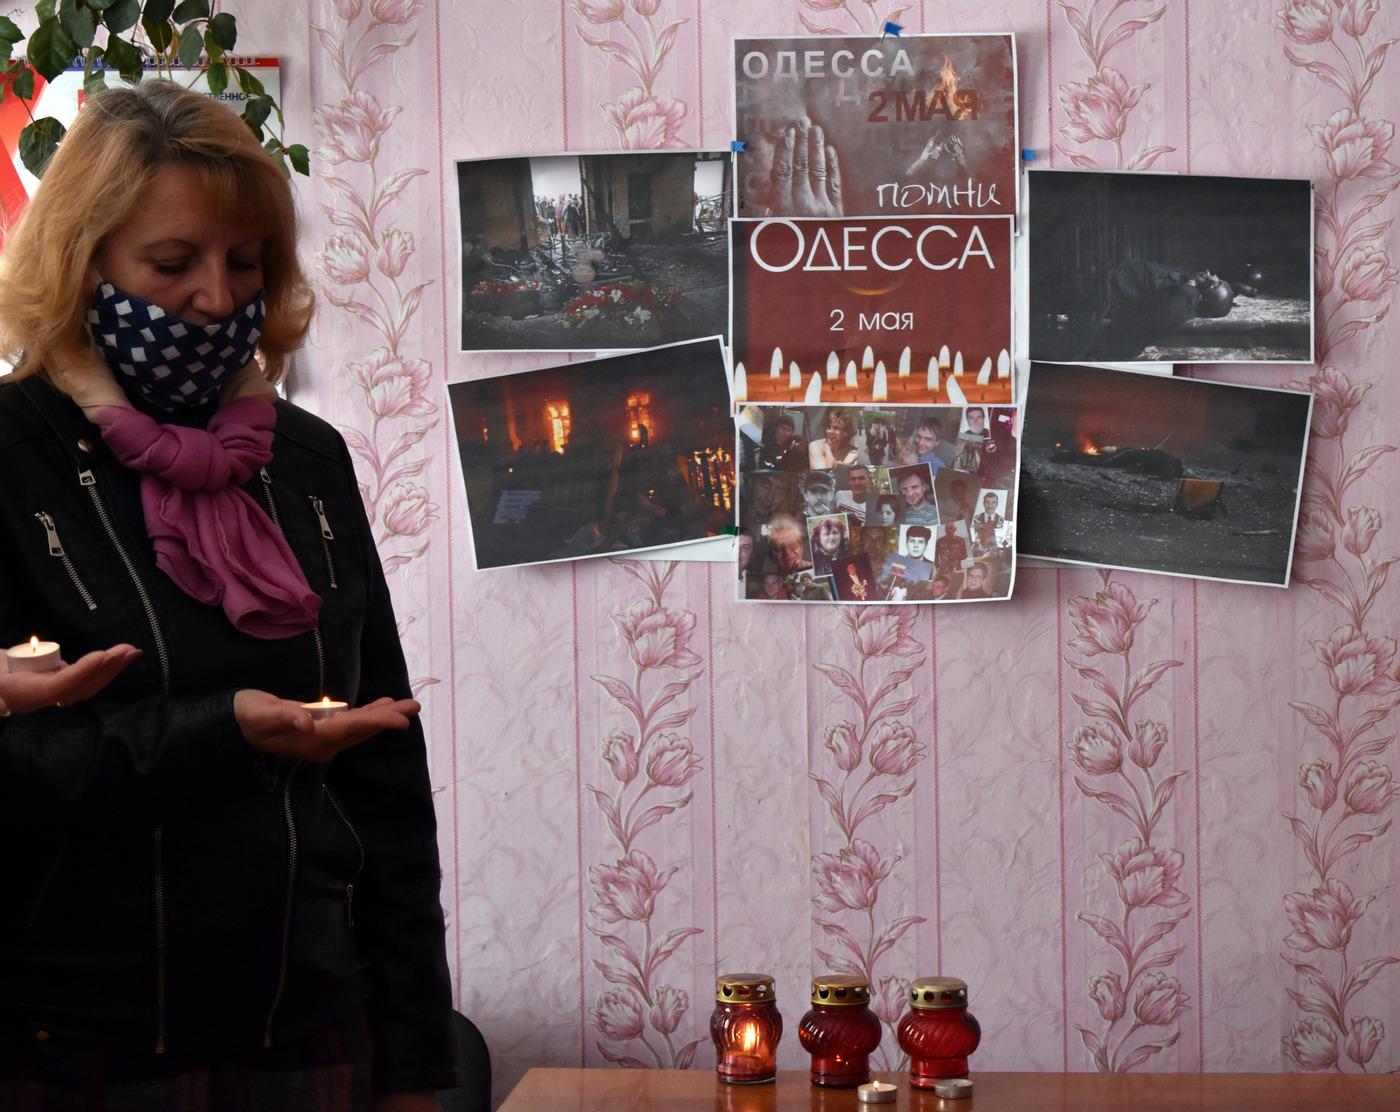 В Брянке прошла акция памяти «Одесса, мы помним!» 1